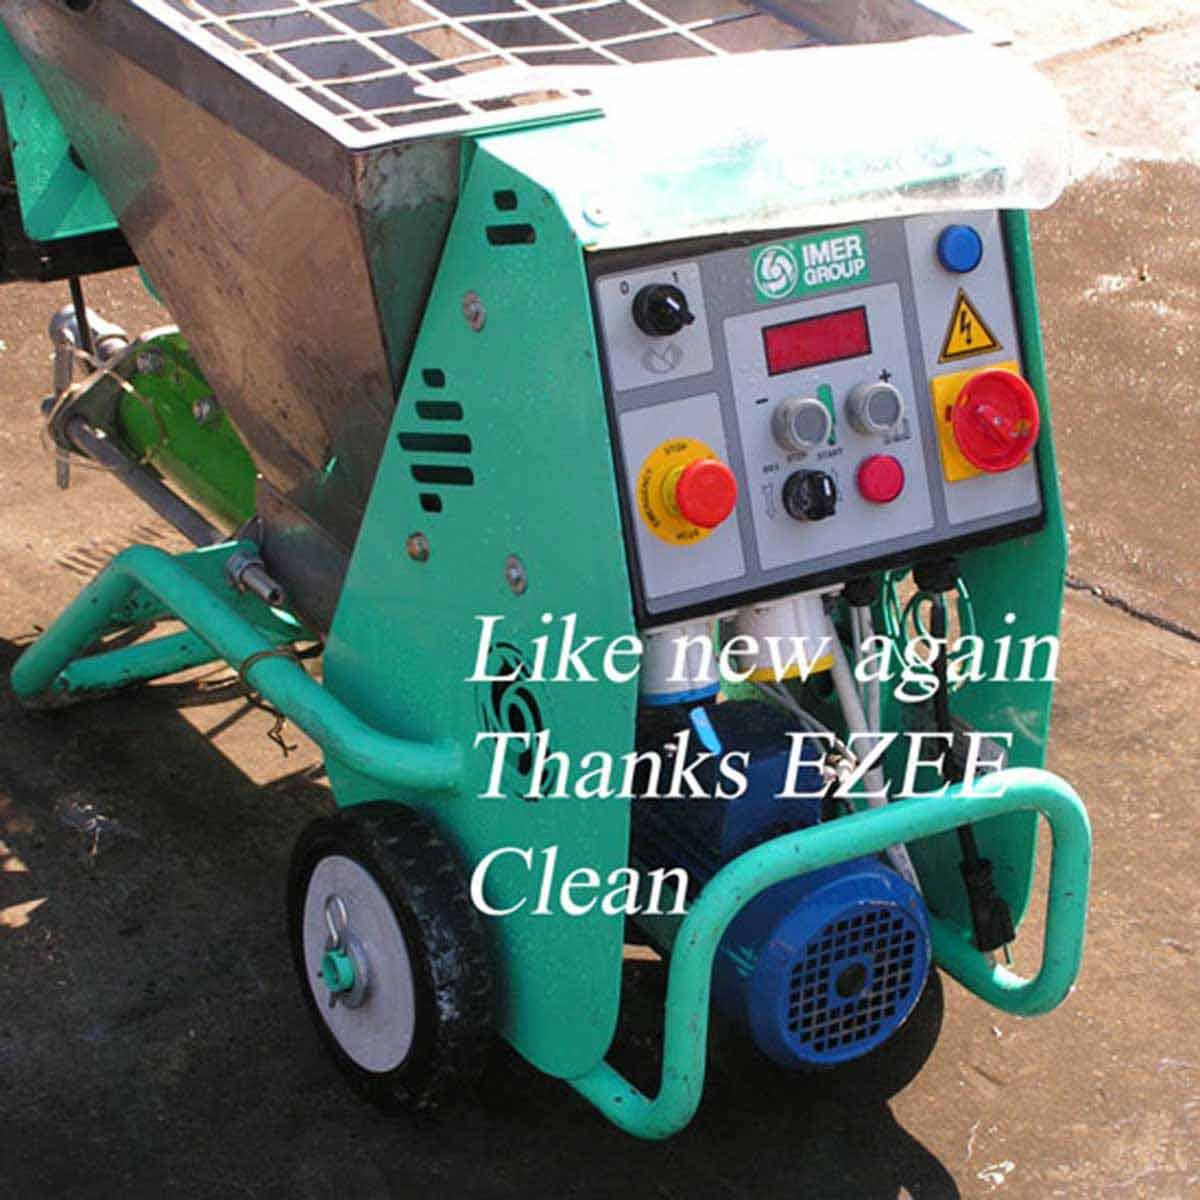 Imer Ezee Clean like new again